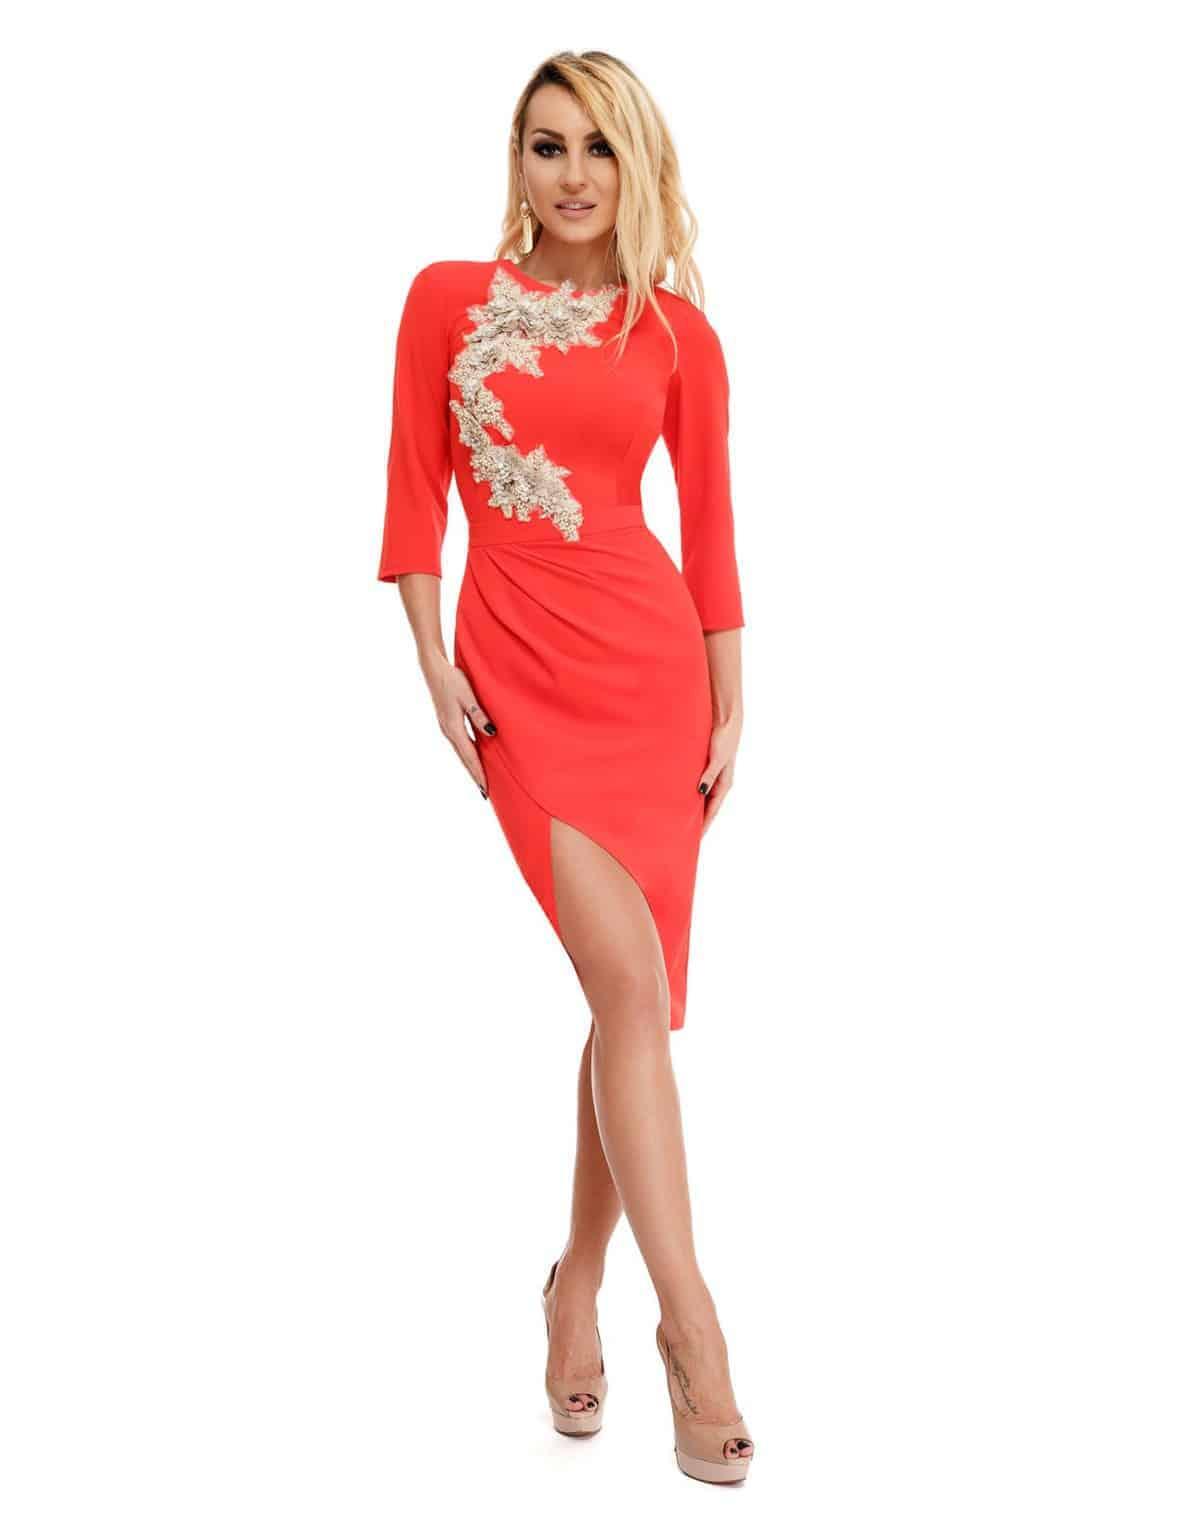 e163d5671902 Abito rosso elegante a tubino con ricami floreali sul davanti ...